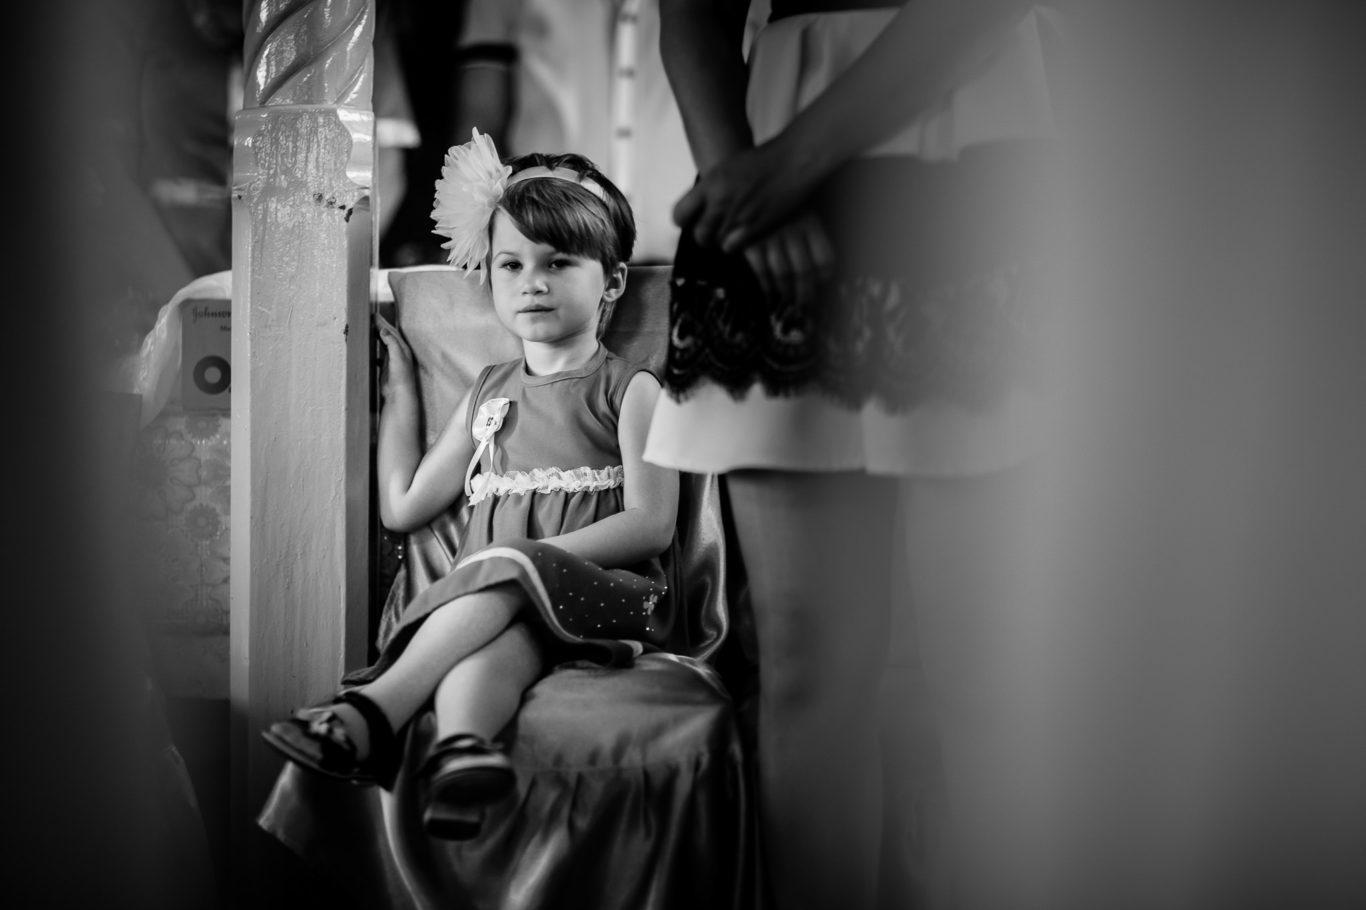 0173-fotografie-nunta-valea-de-pesti-vero-dani-fotograf-ciprian-dumitrescu-dc1_0689